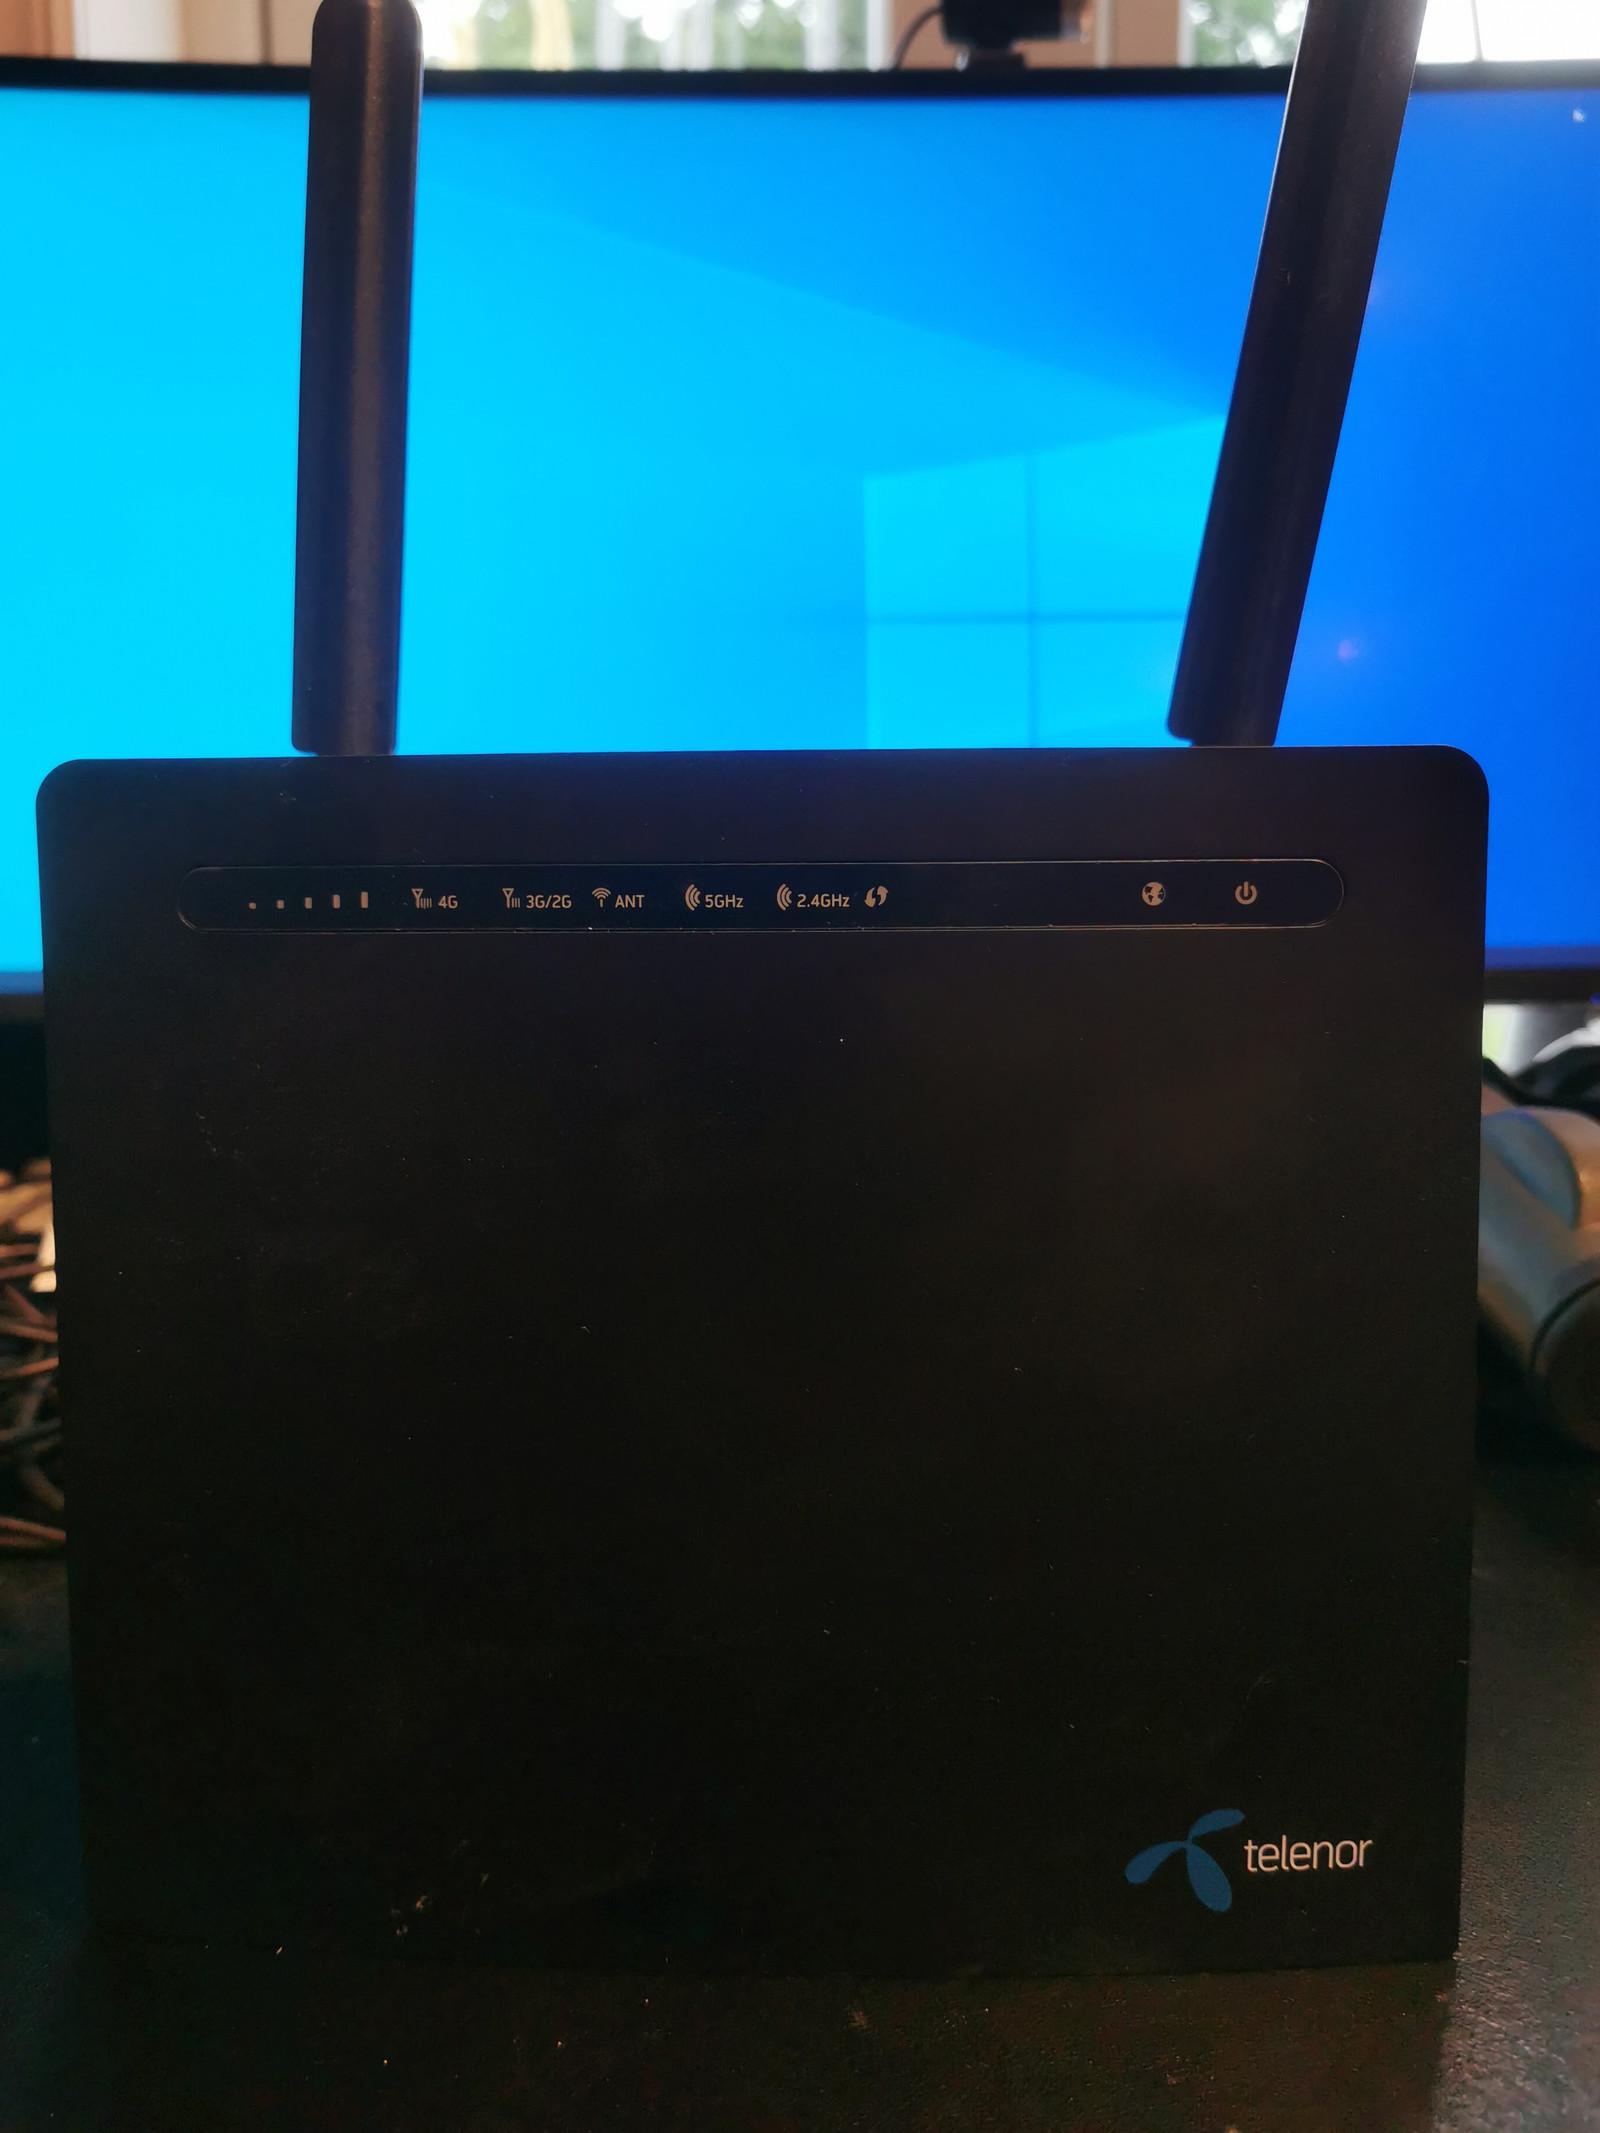 4G Router (D-Link Telenor) - Ypperlig til båt, bobil, hytte